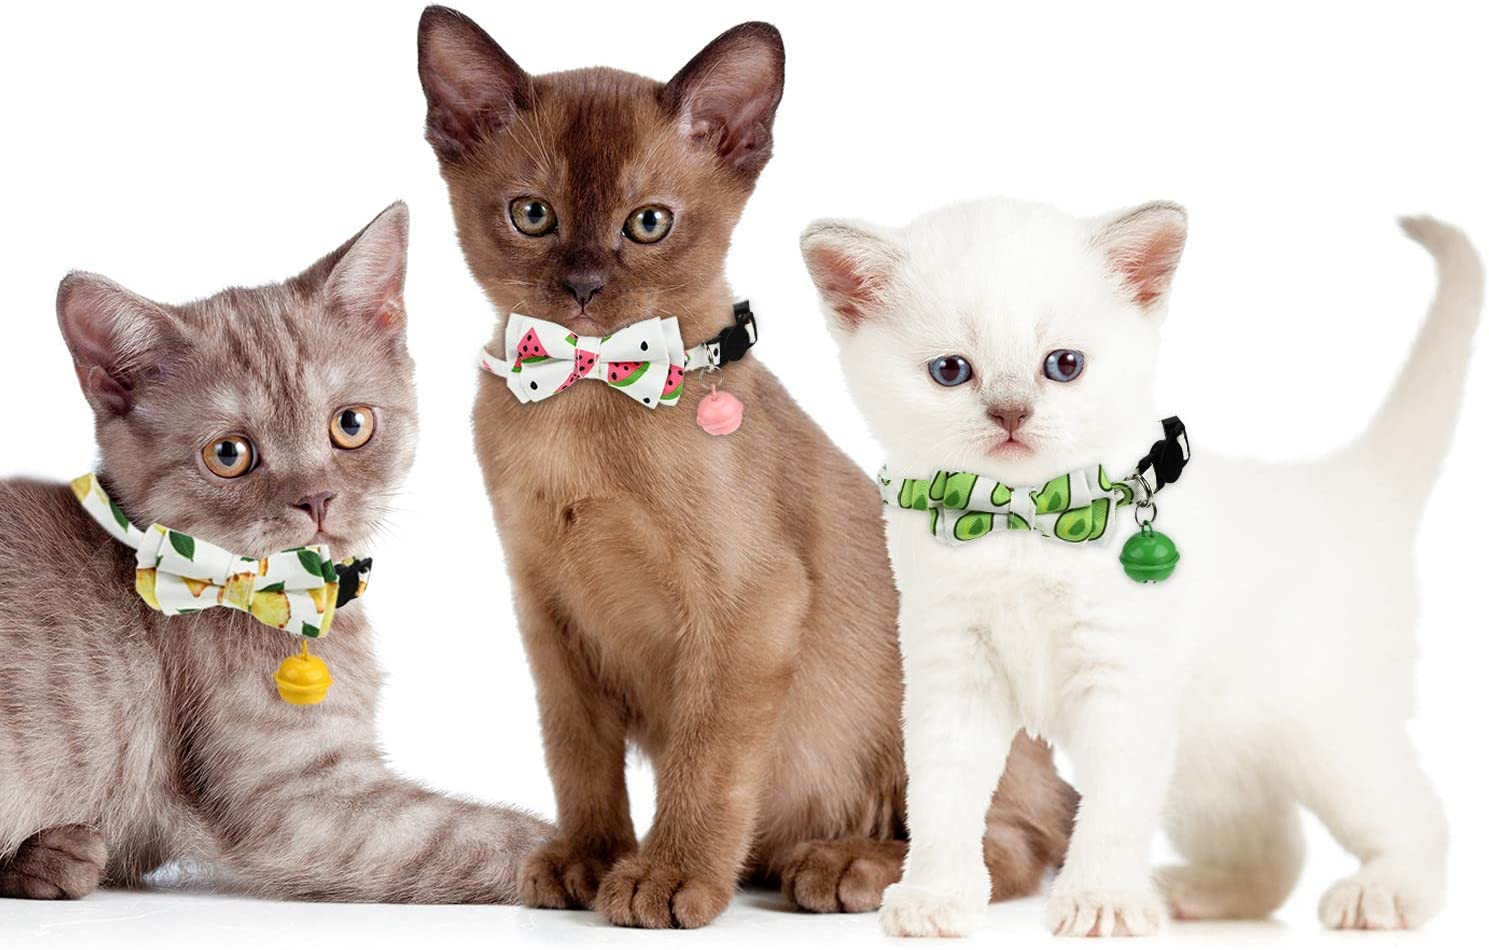 Frienda 3 Piezas de Collar de Gato con Clip de Separaci/ón y Campana Ajustable de Cuello Collar de Gato con Estampado de Pi/ña y Aguacate con Sand/ía para Gatitos y Cachorros